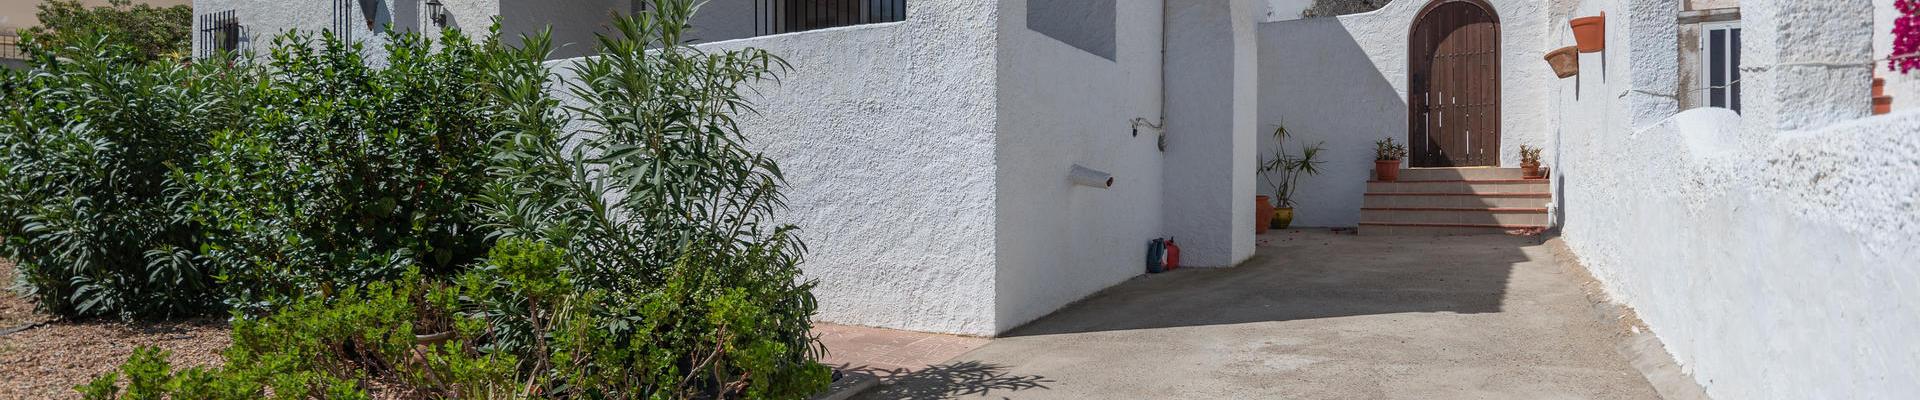 DV1492: 3 Bedroom Villa for Sale